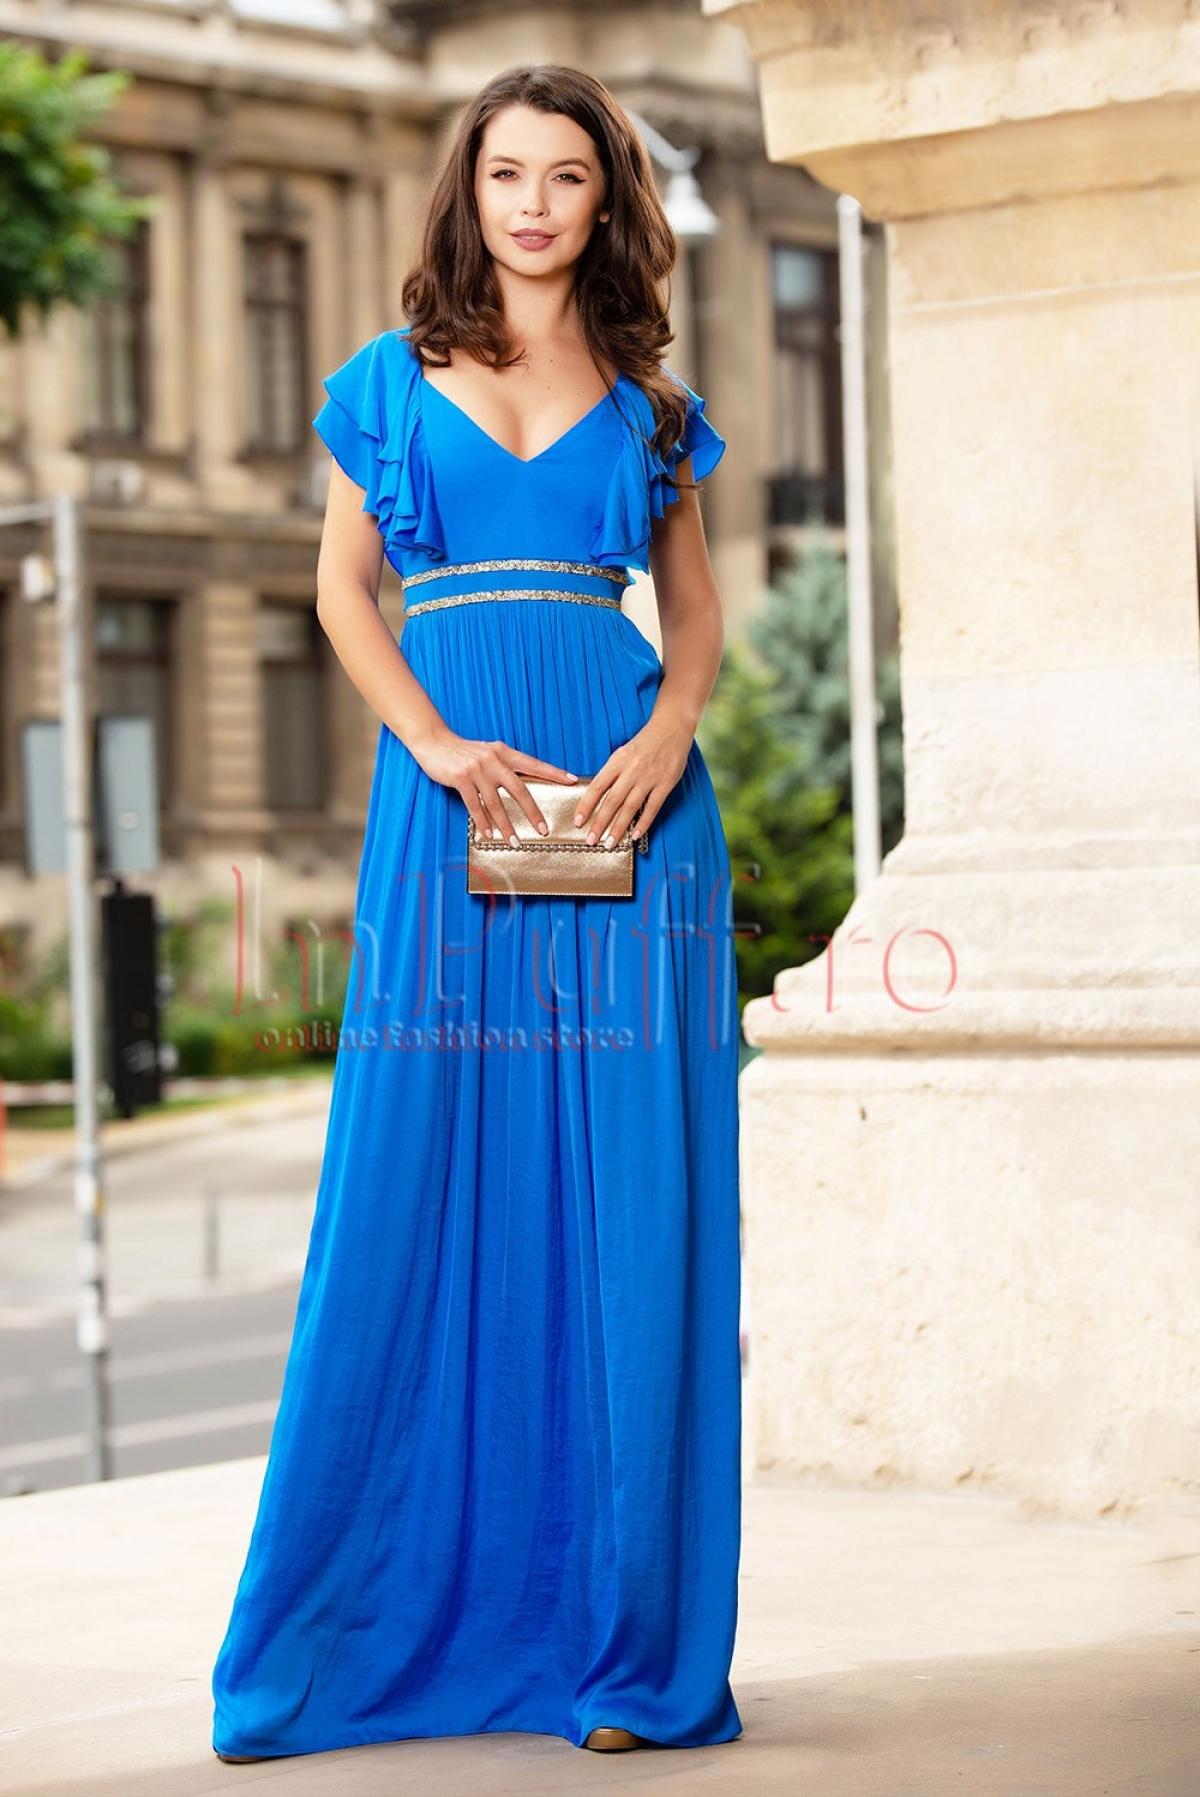 Rochie de ocazie lunga albastru electric din satin